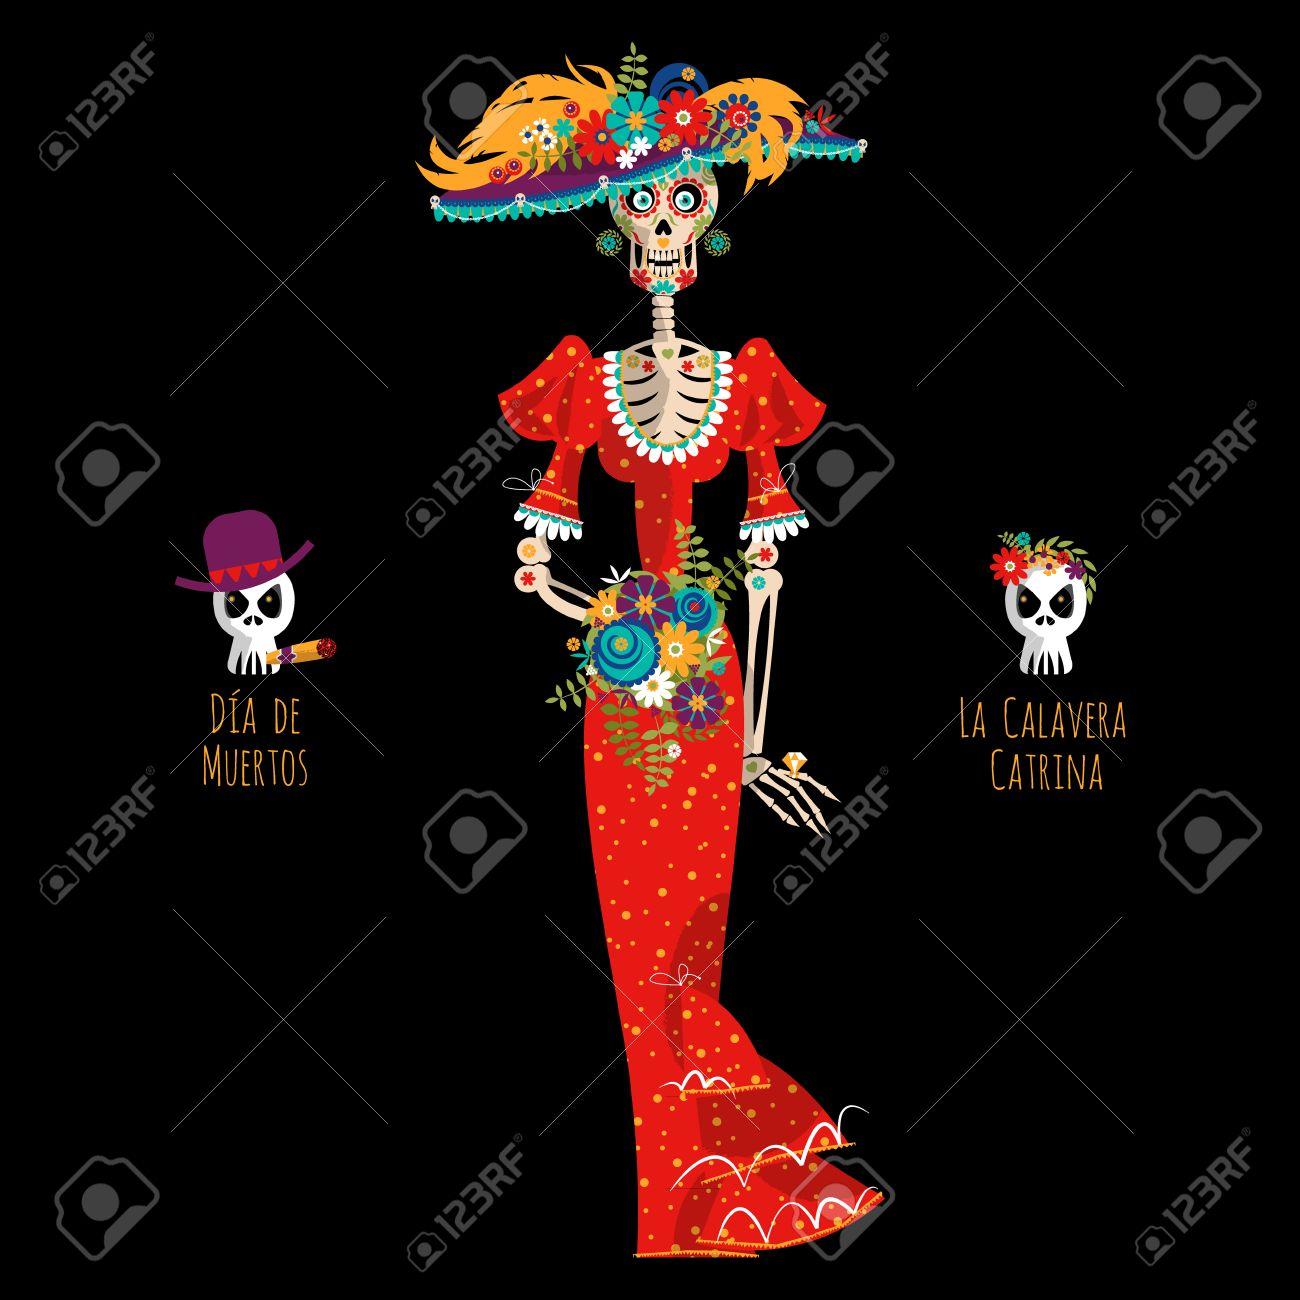 La Calavera Catrina Elegante Del Cráneo Dia De Muertos Tradición Mexicana Ilustración Vectorial